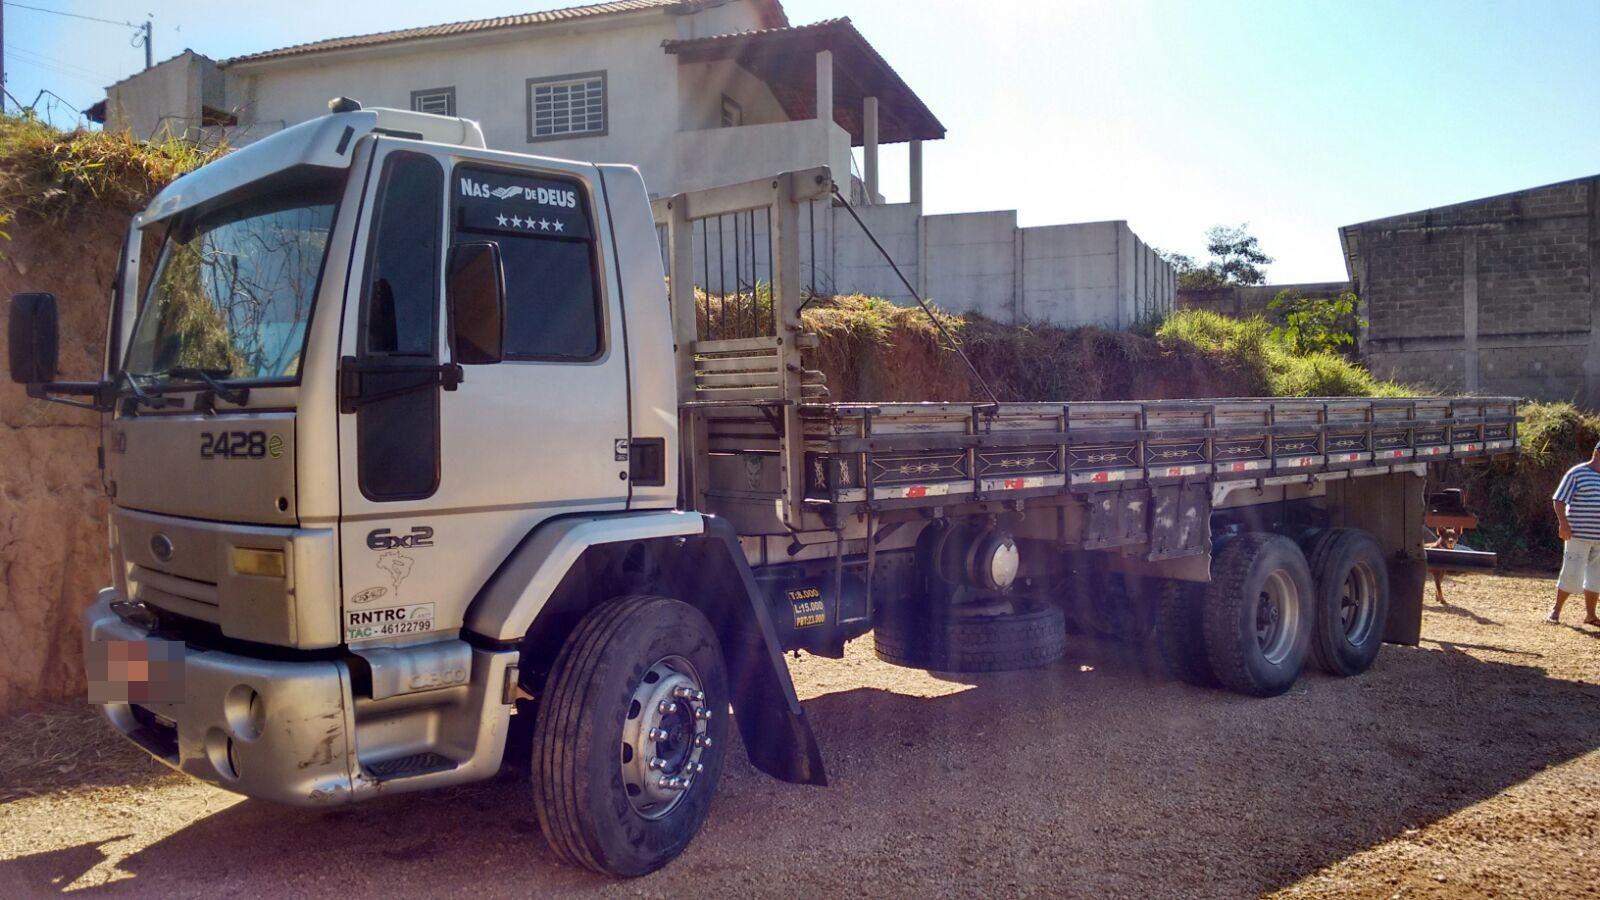 Ford Cargo 2428 07 07 Truck Carroceria De 8 00mts Muito Bem